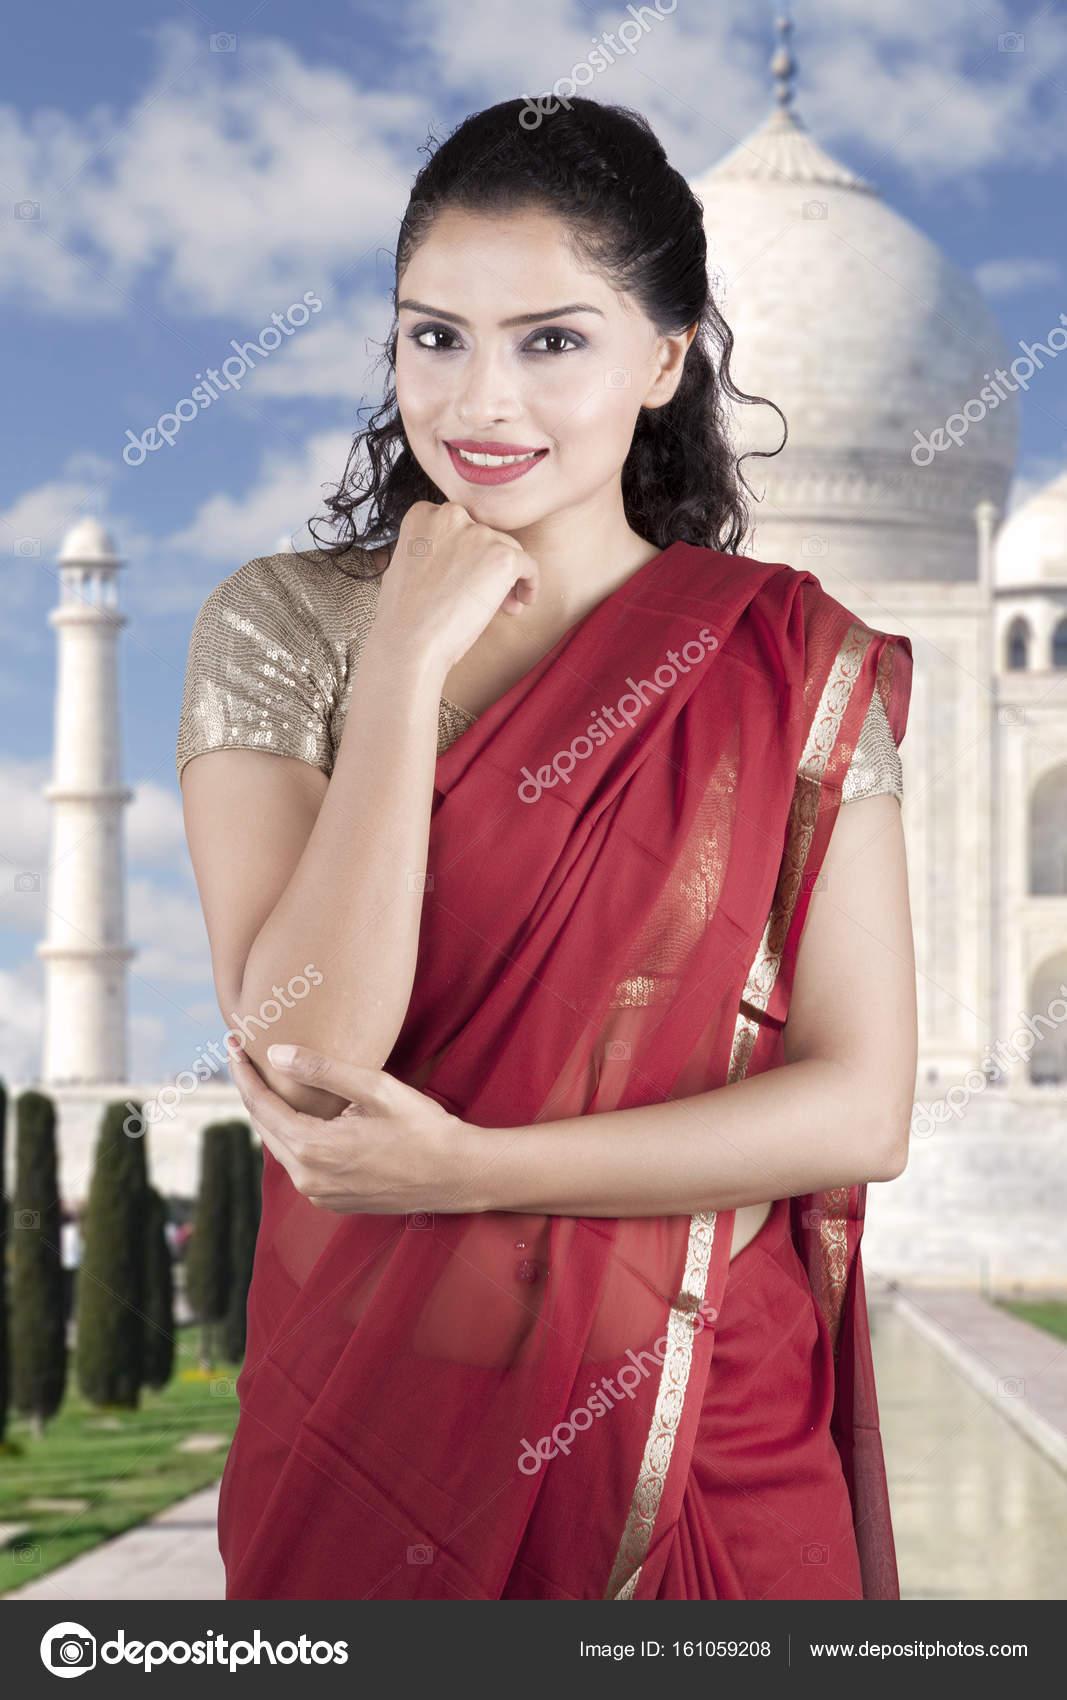 Ziemlich Indianerin tragen rote Sari Kleider — Stockfoto ...